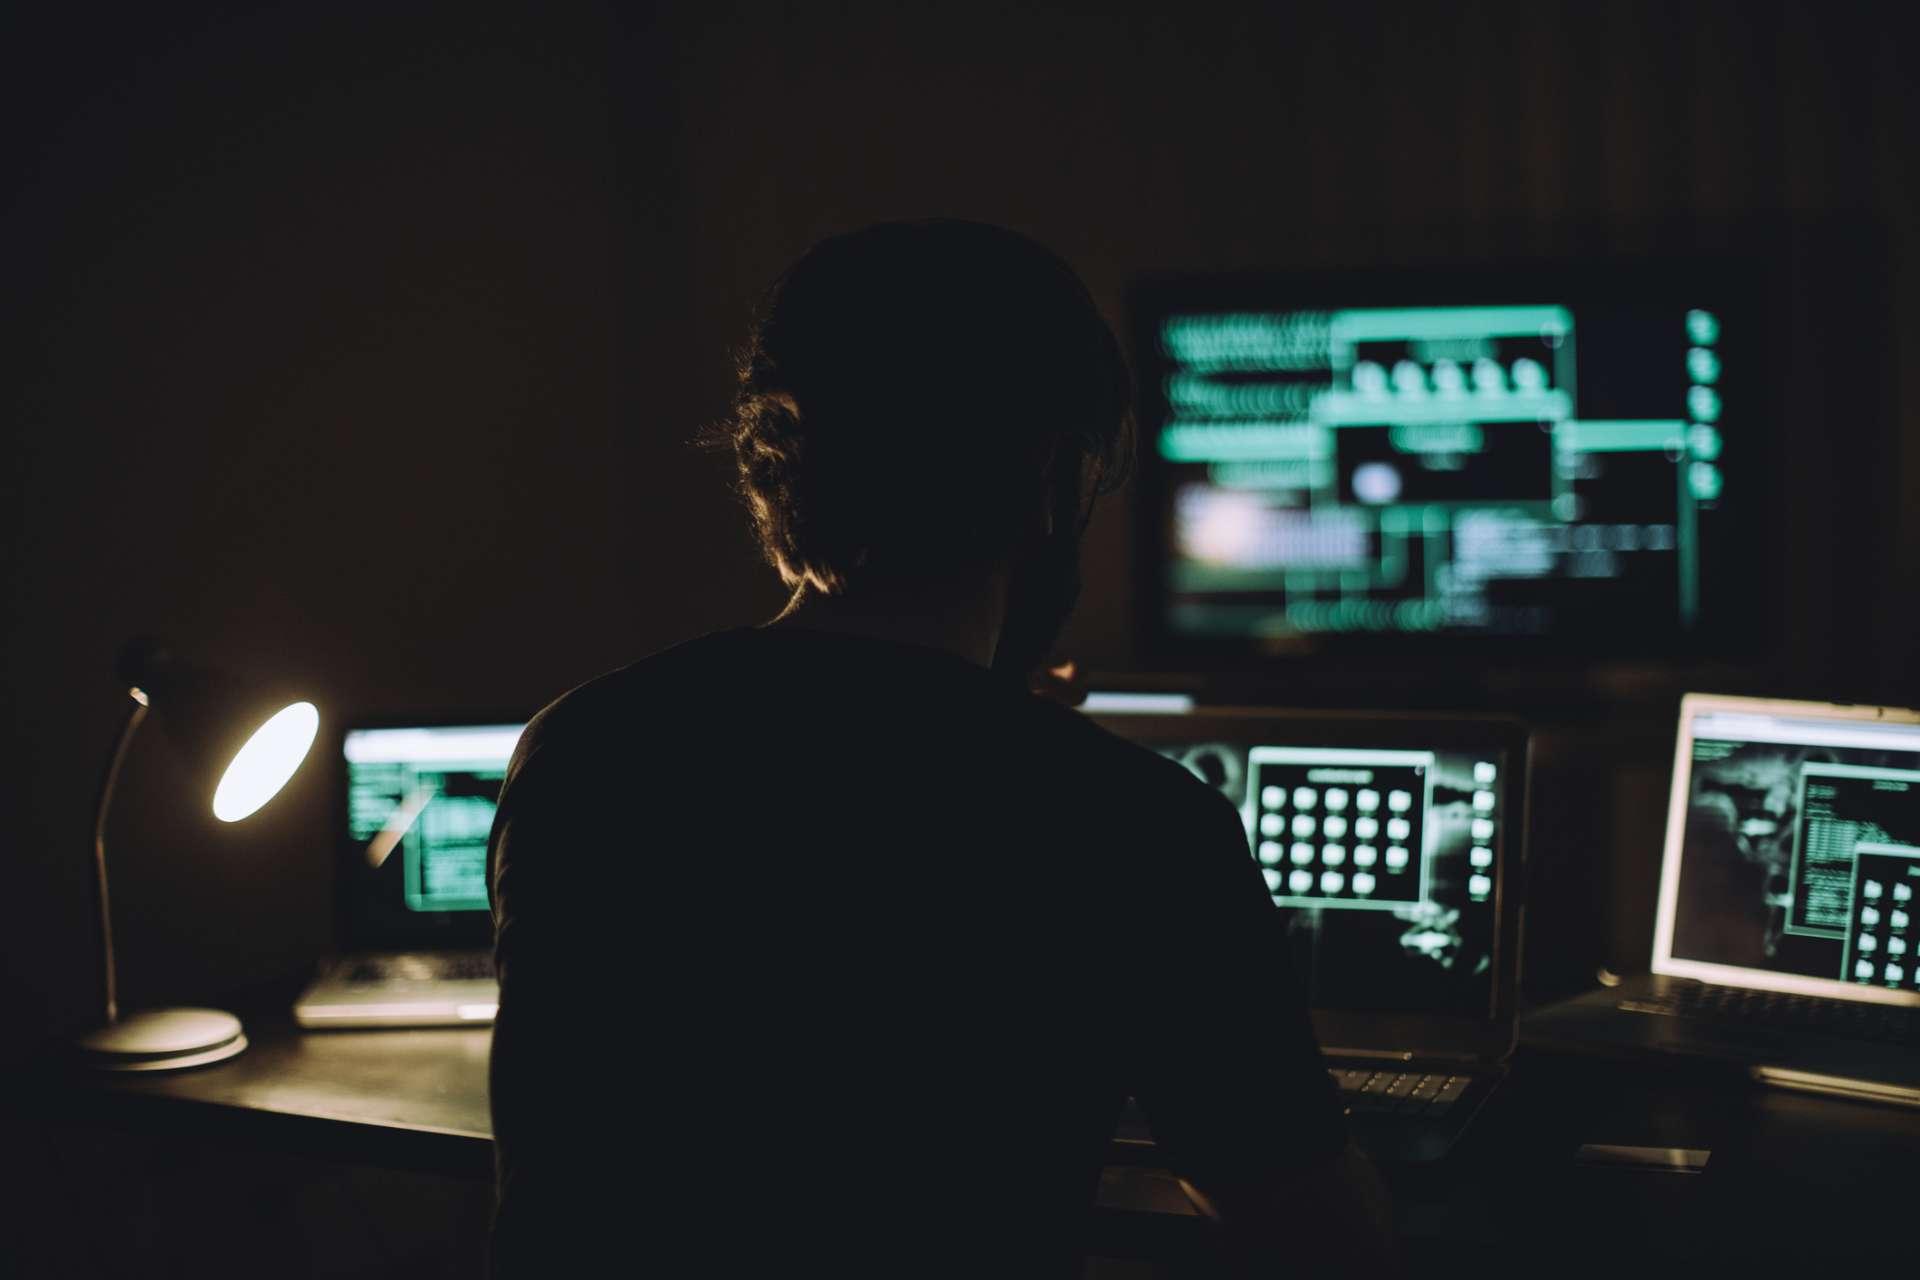 Đừng đánh giá thấp malware đánh cắp thông tin đăng nhập